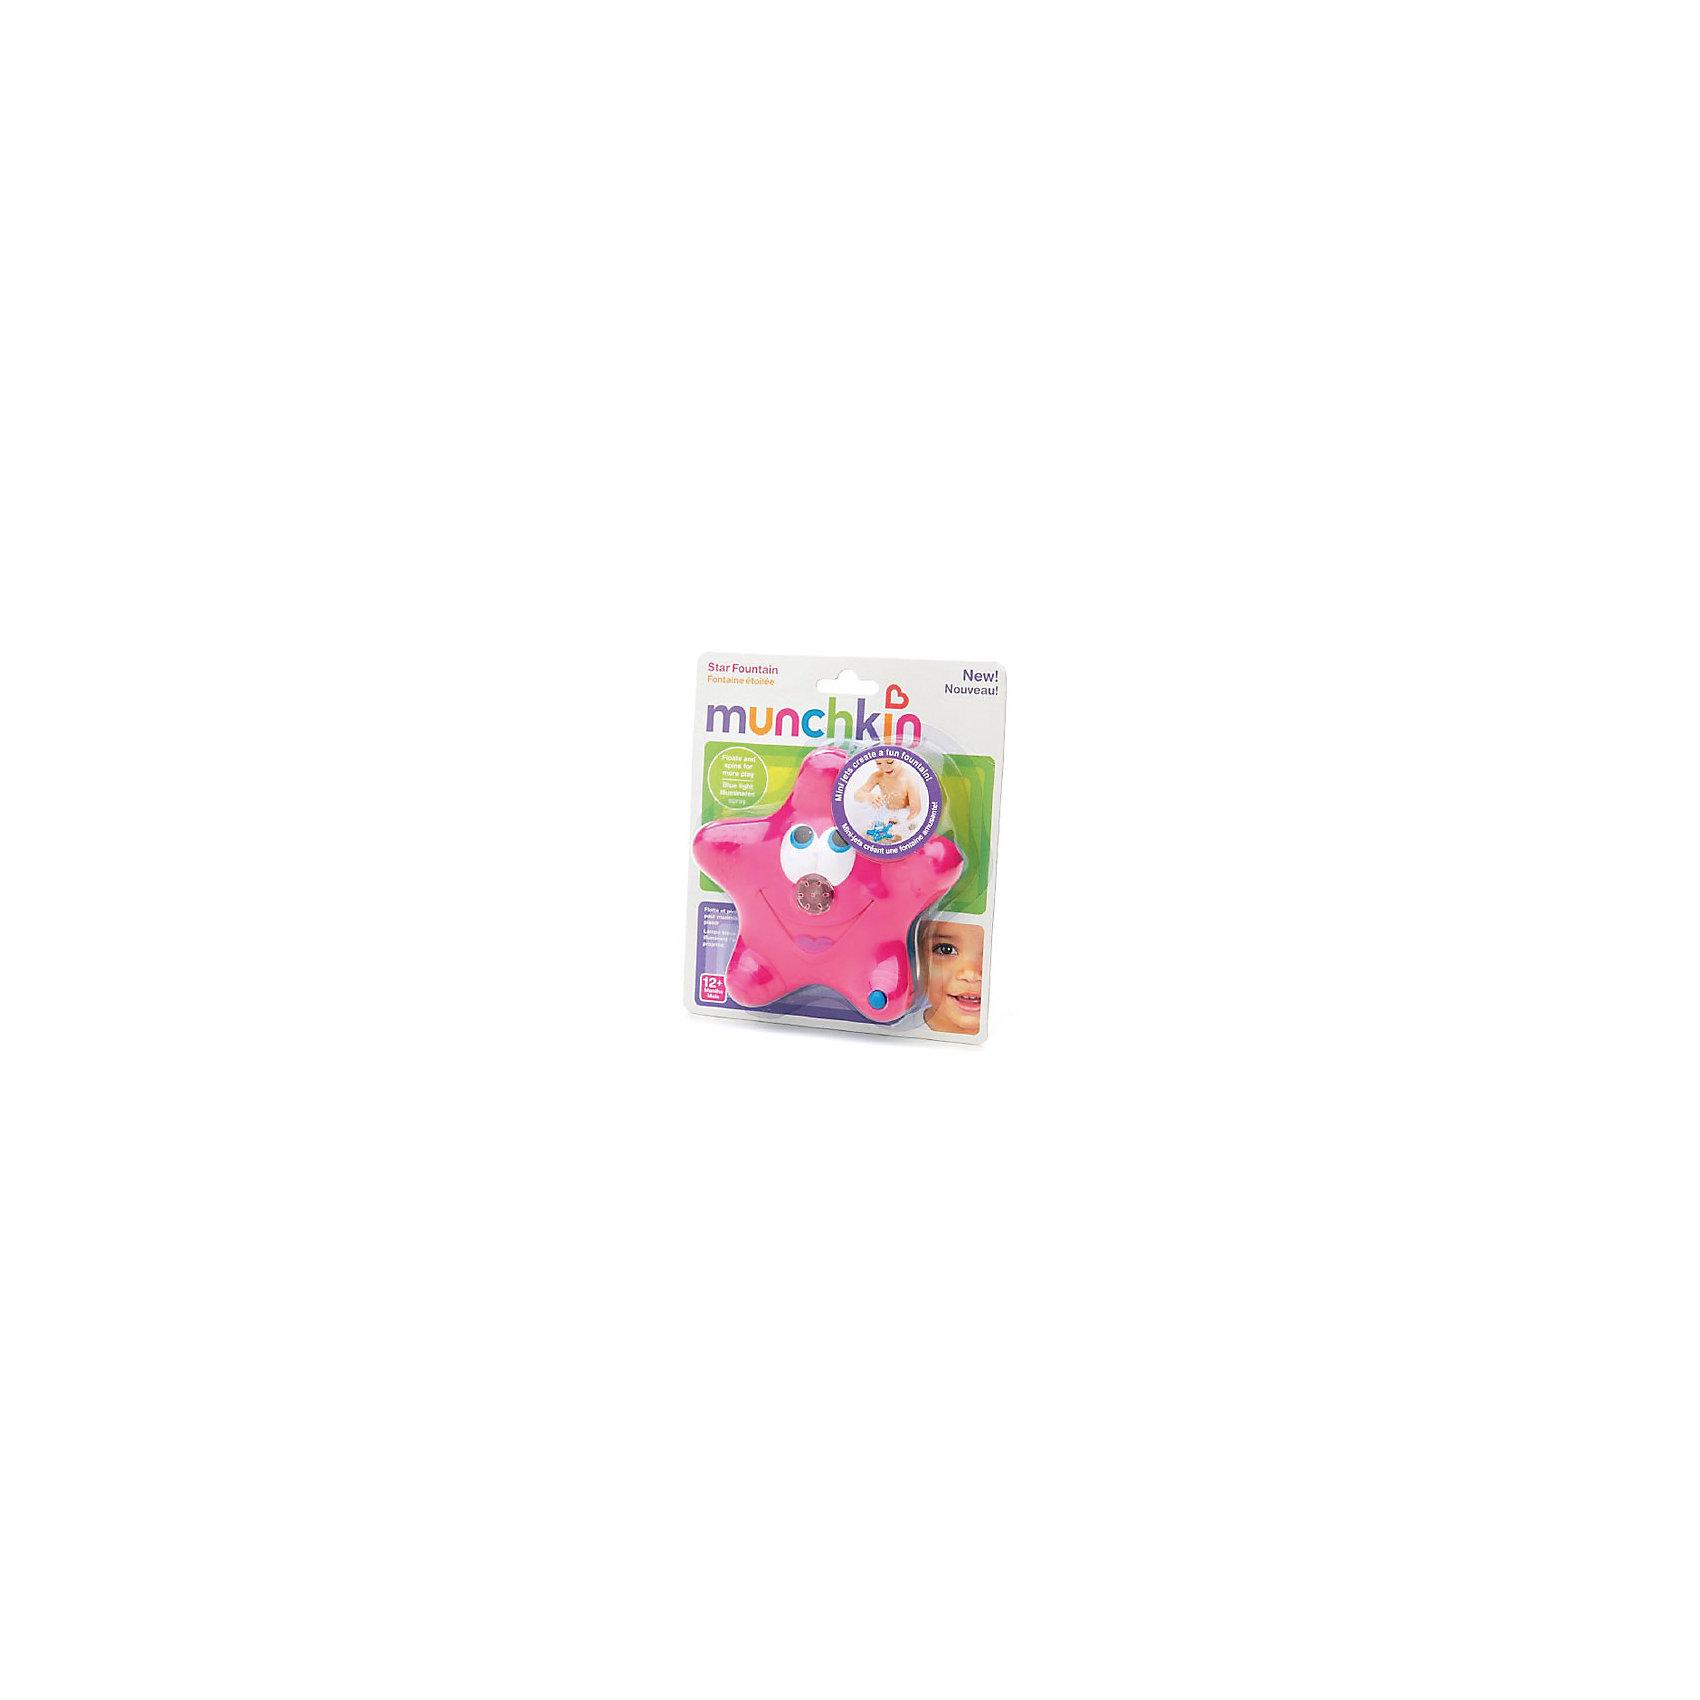 Игрушка для ванной Звёздочка, Munchkin от myToys